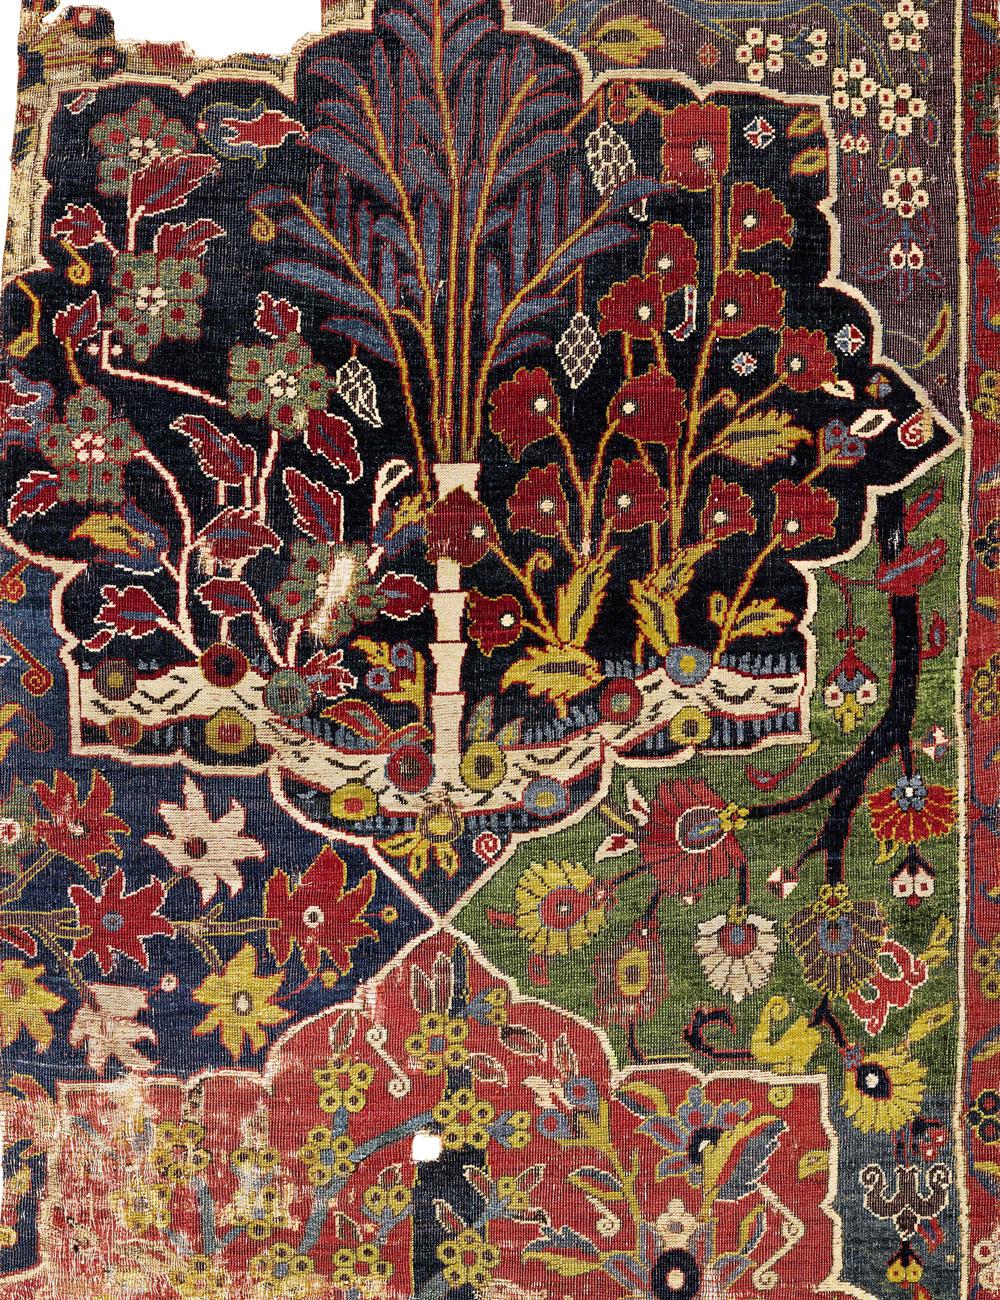 reLOT-241-The-Von-Hirsch-Tree-carpet,-a-fragment